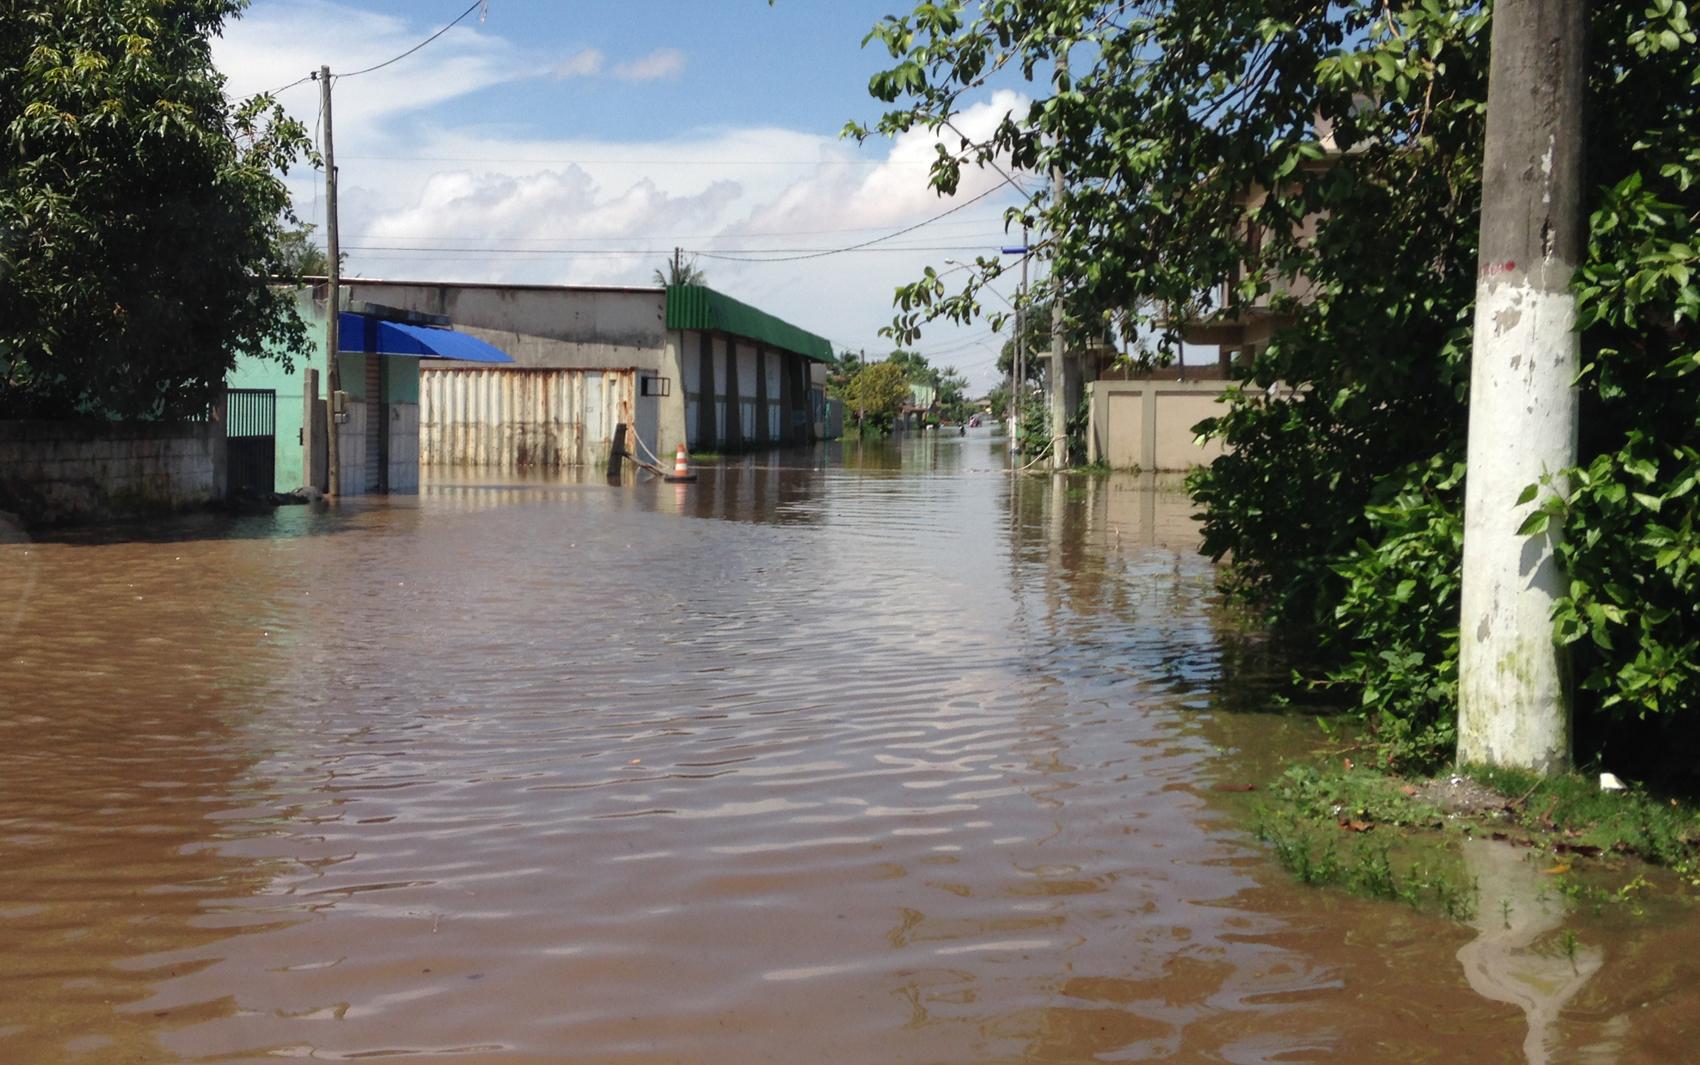 Com a enchente do rio Riacho, vilarejo que dá acesso à Regência, no Espírito Santo, sofre com alagamentos. Foto tirada na tarde da sexta-feira (27)